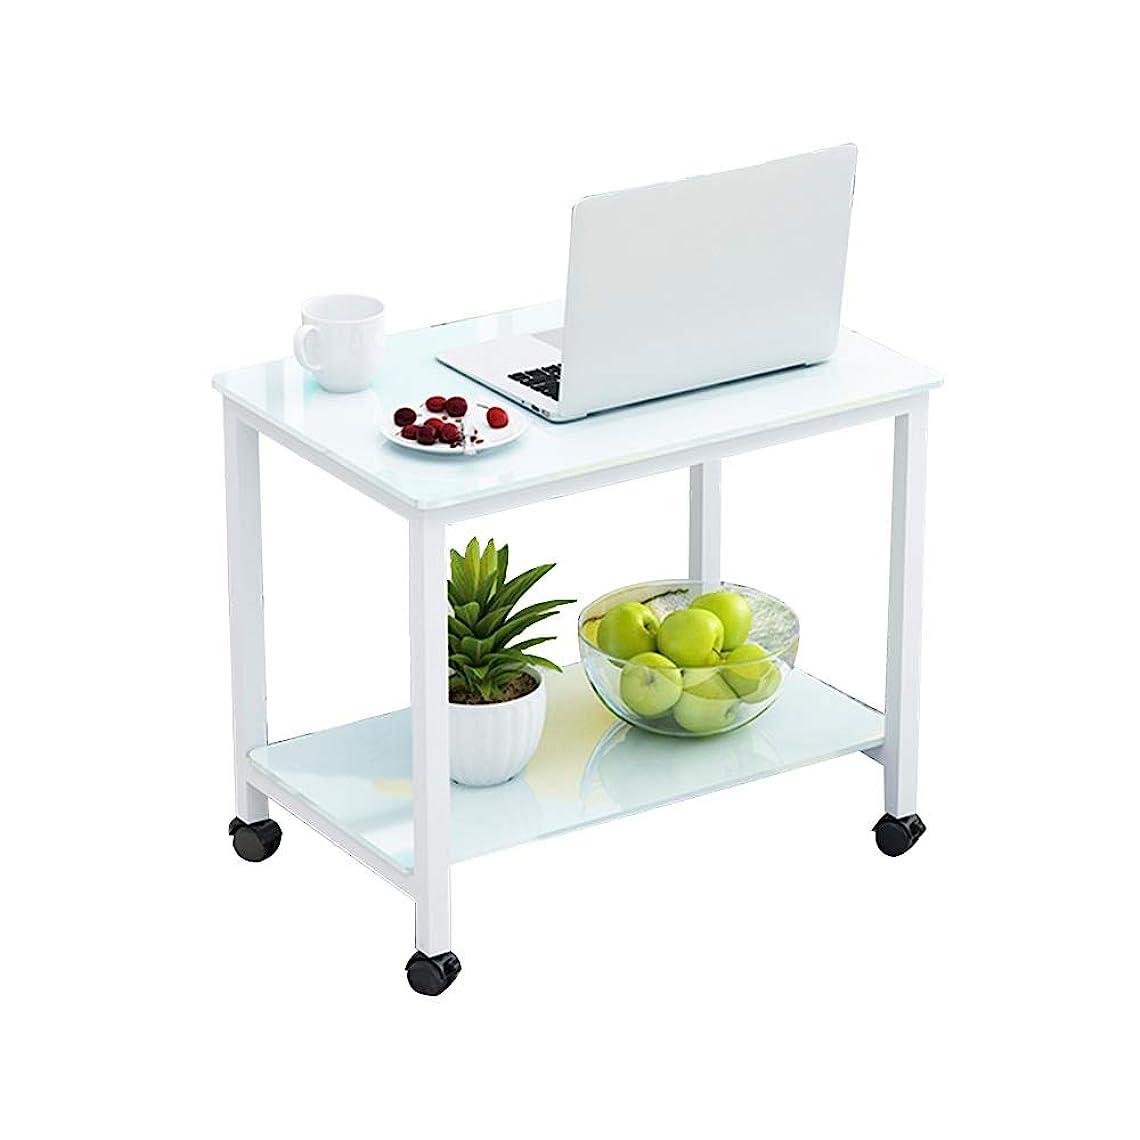 に頼るはげぜいたくZR-ウォールテーブル サイドテーブル、強化ガラス製スモールコーヒーテーブル、スモールテーブルを移動する、ソファコーナー、バルコニースクエアテーブル、炭素鋼フレーム - スペースを節約 (色 : Whtie)